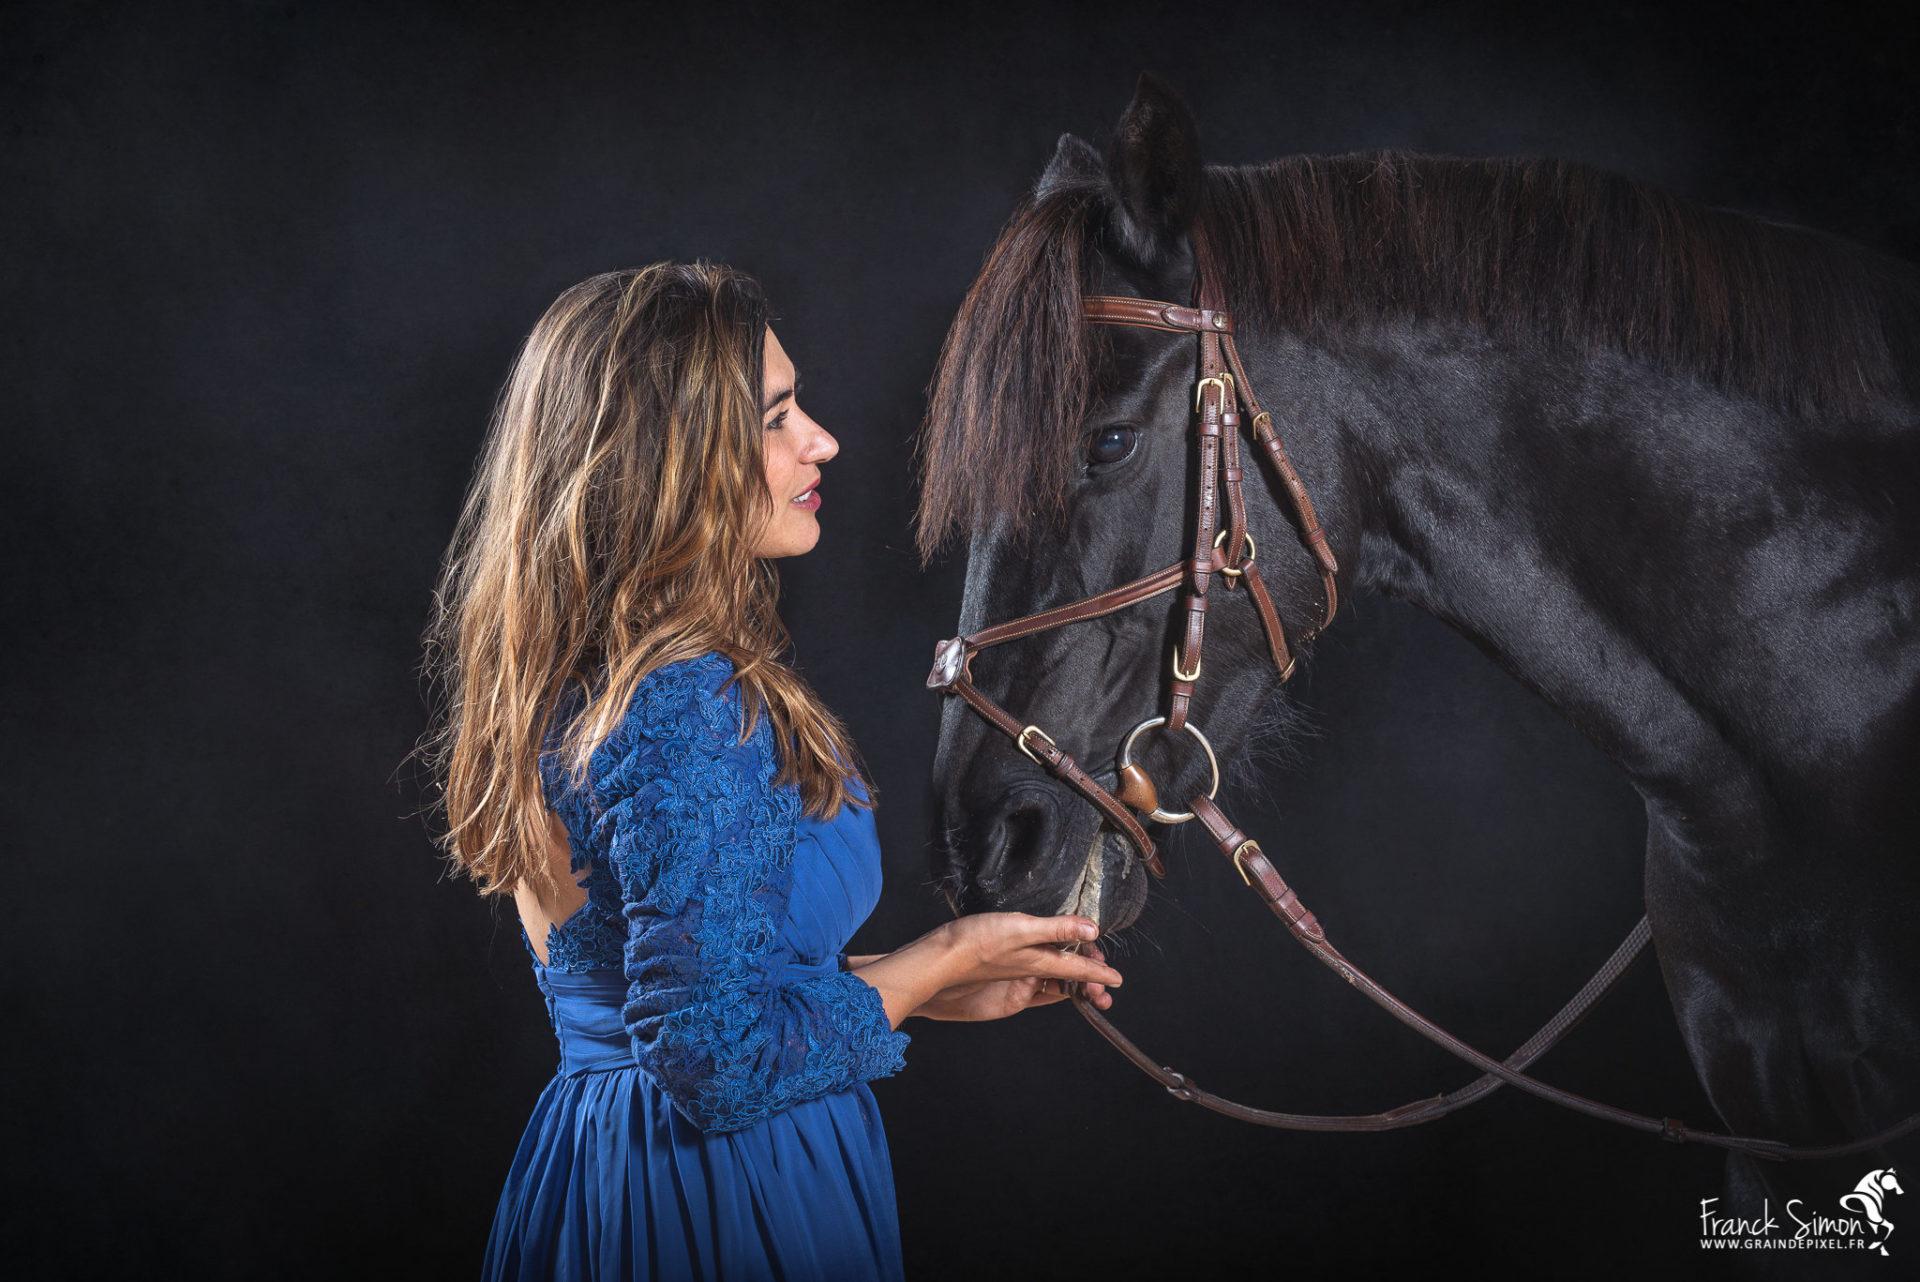 Valentine et ses chevaux, séance studio équin